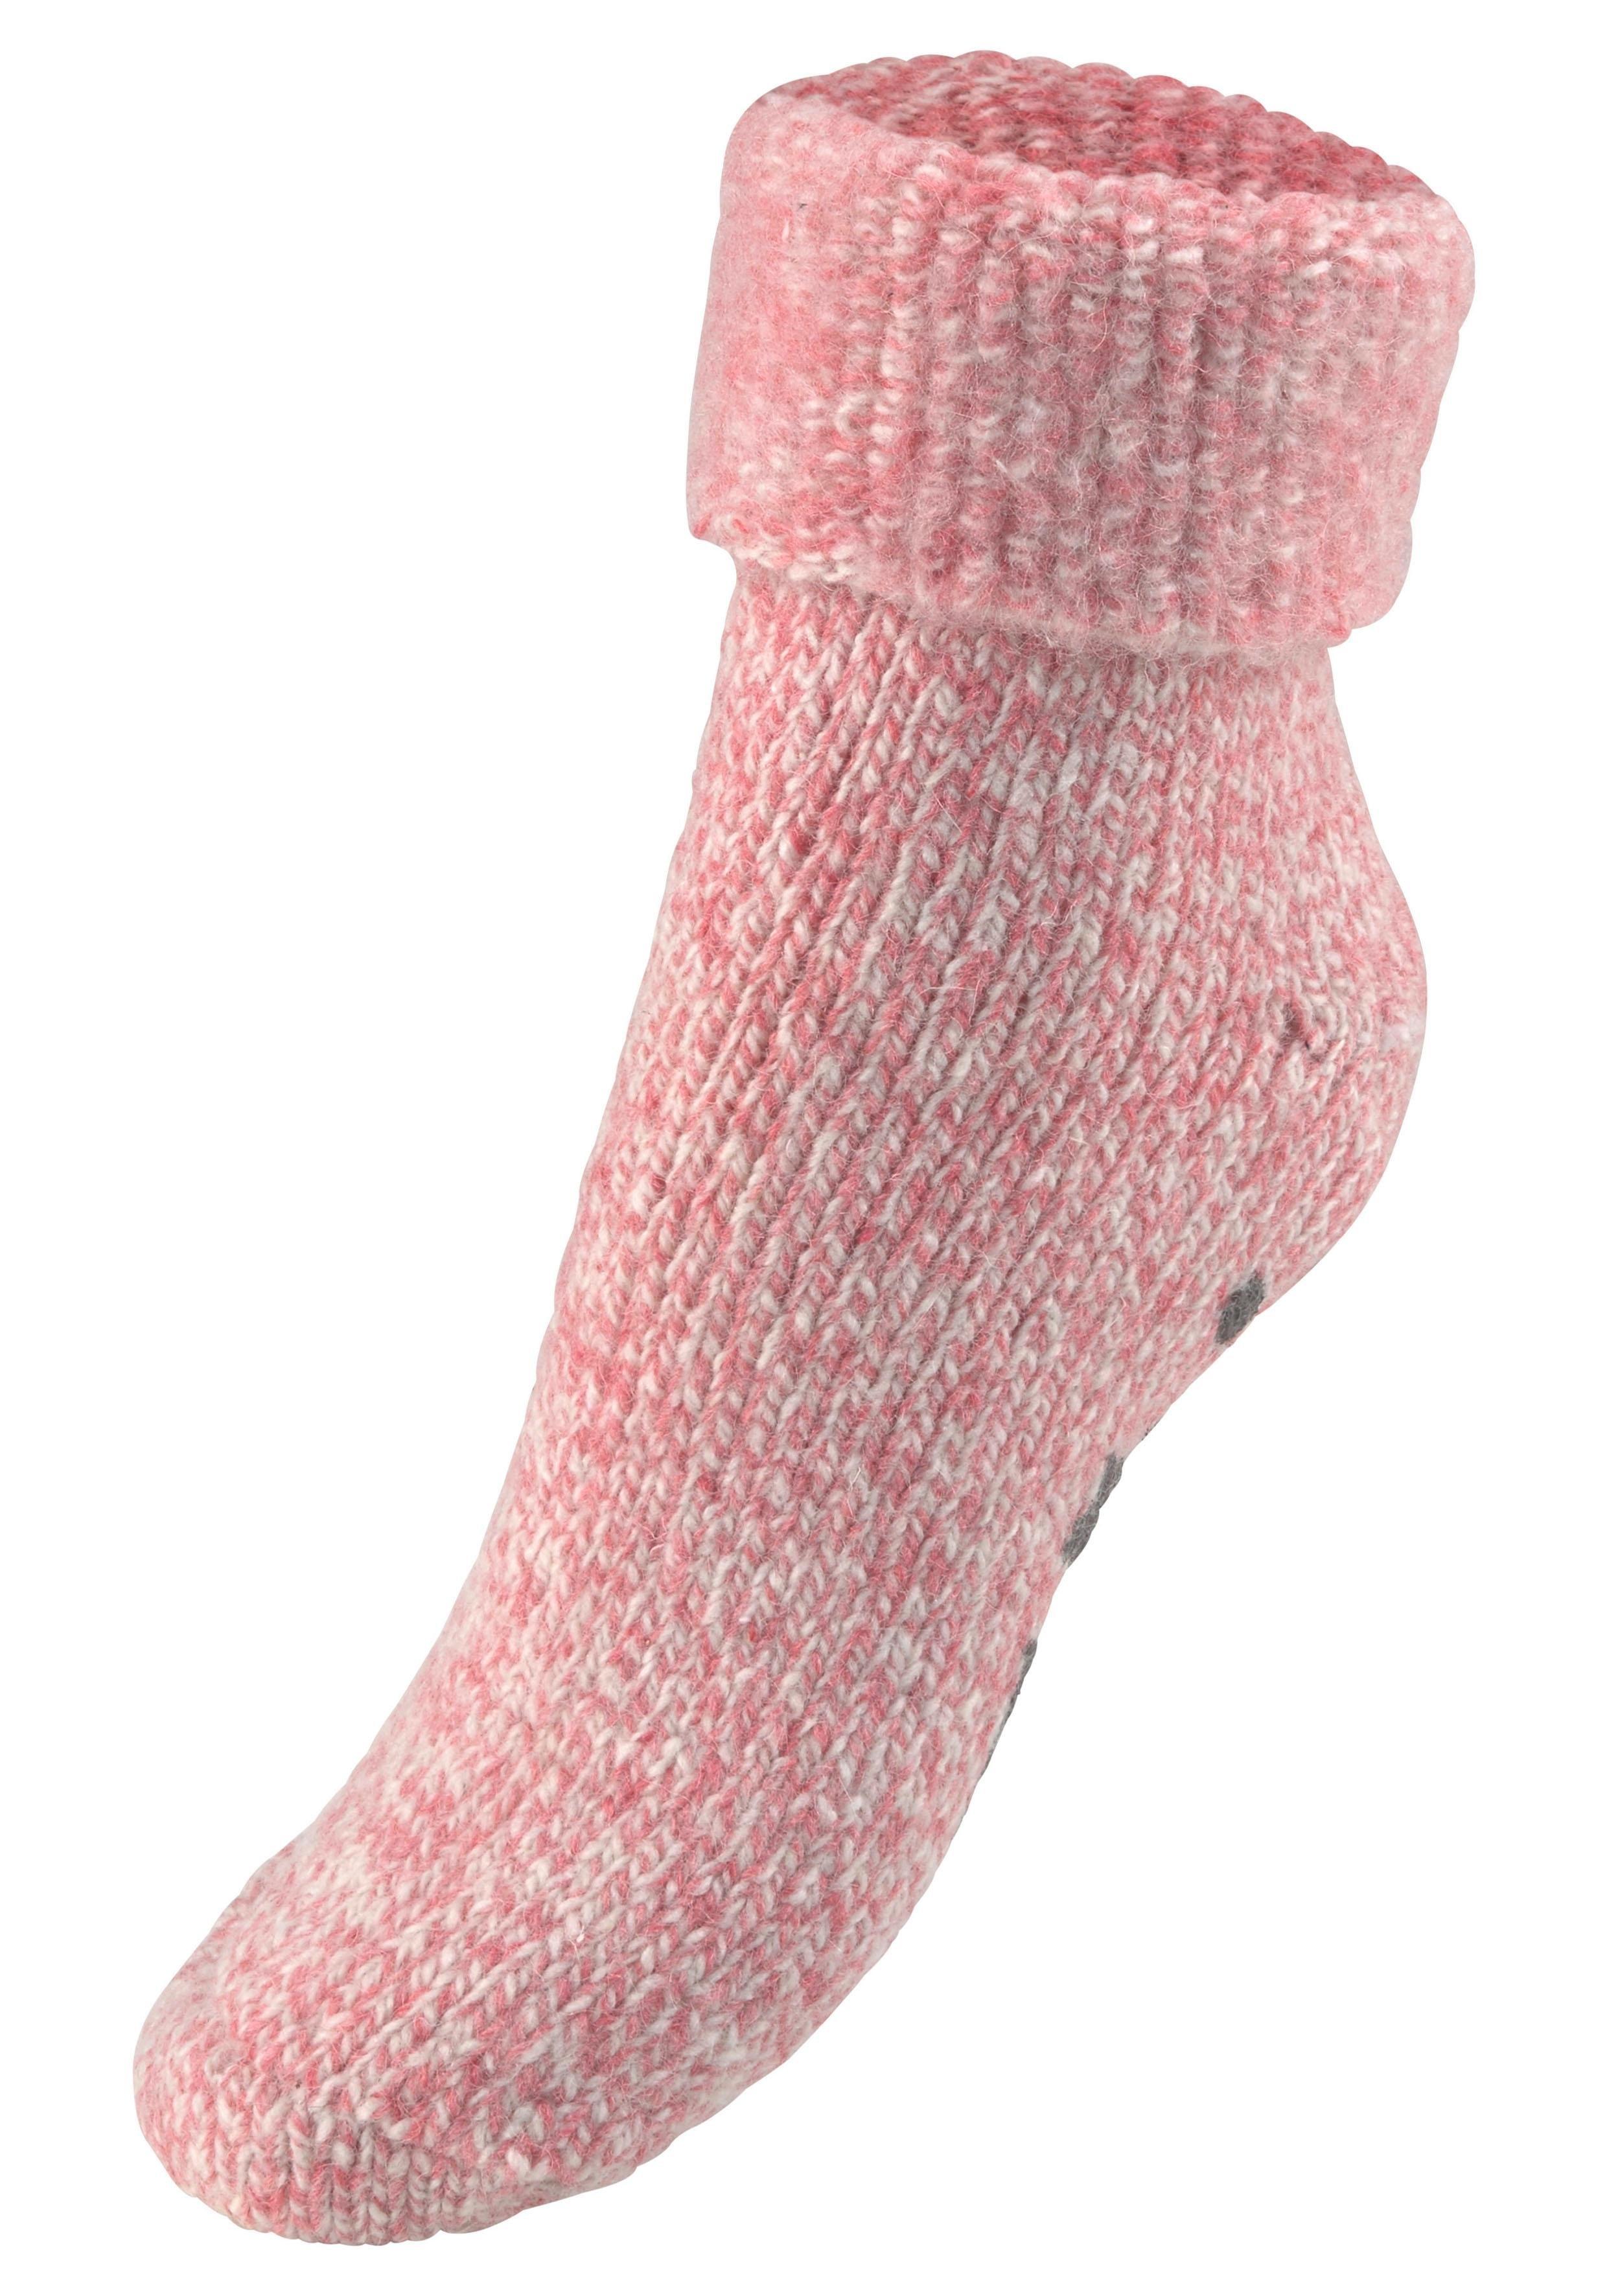 Sympatico Natural wollen sokken met ABS in de webshop van Lascana kopen